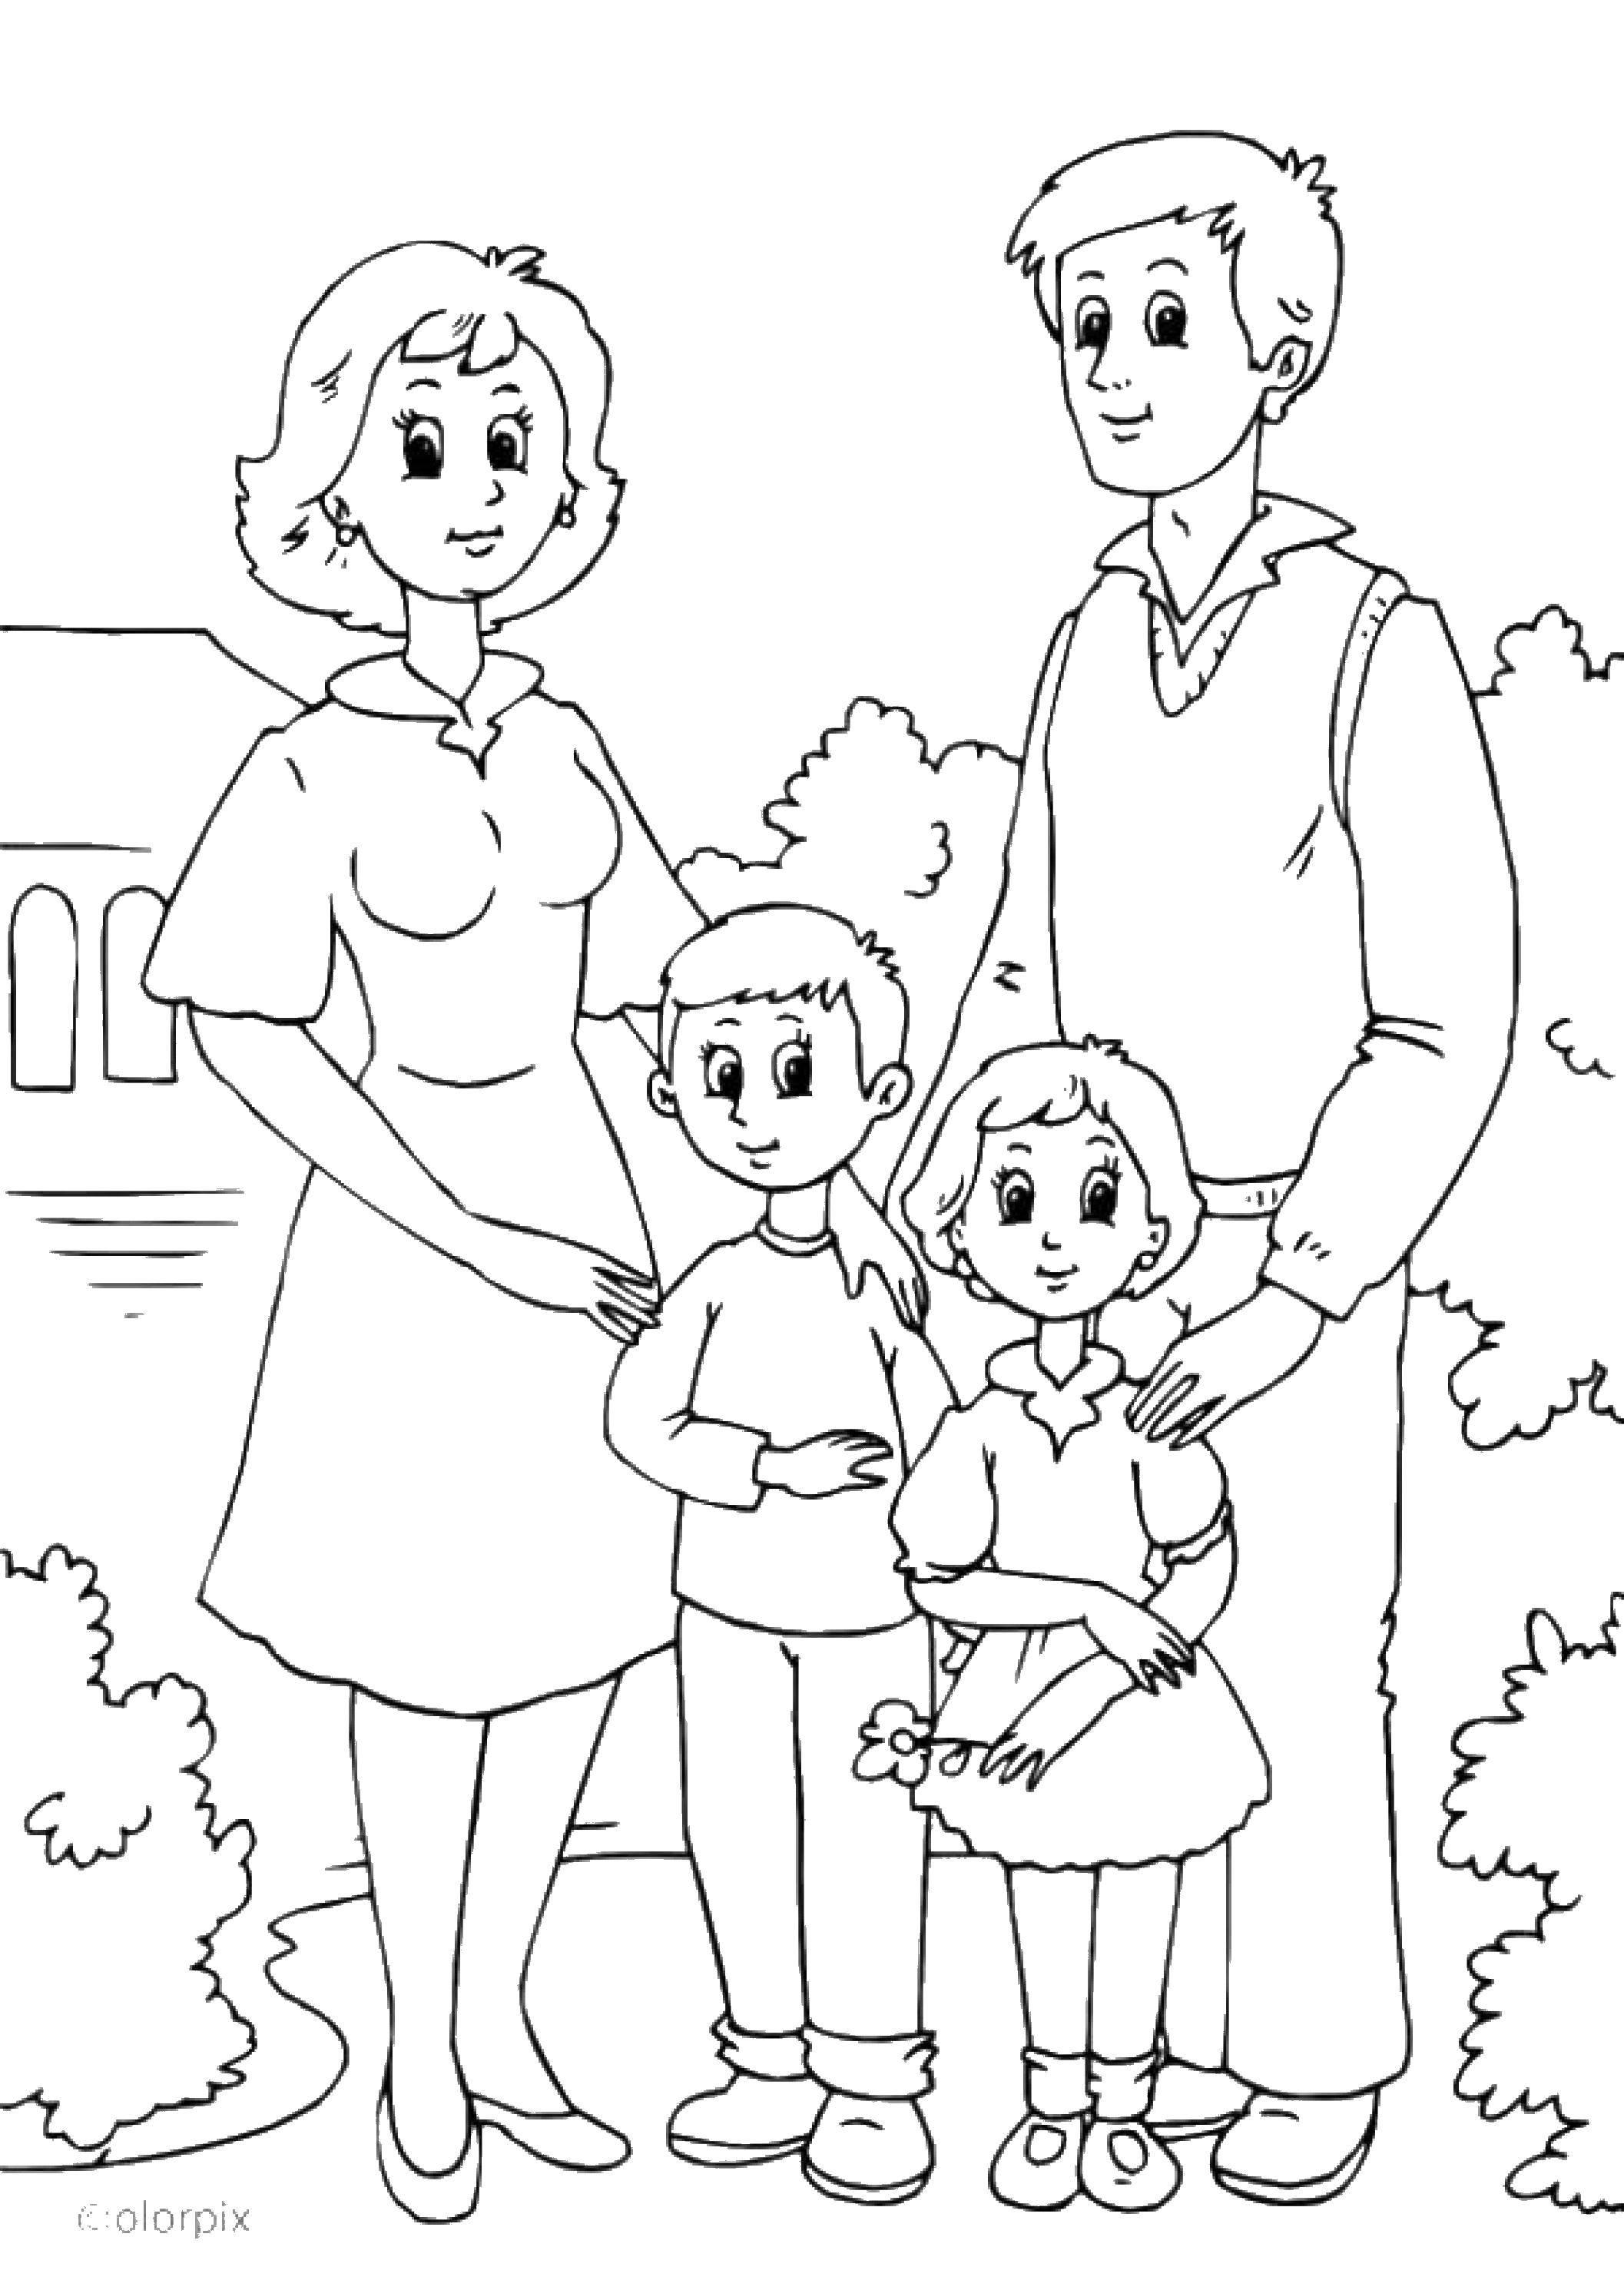 Раскраска Семья Скачать семья, члены семьи.  Распечатать ,Члены семьи,